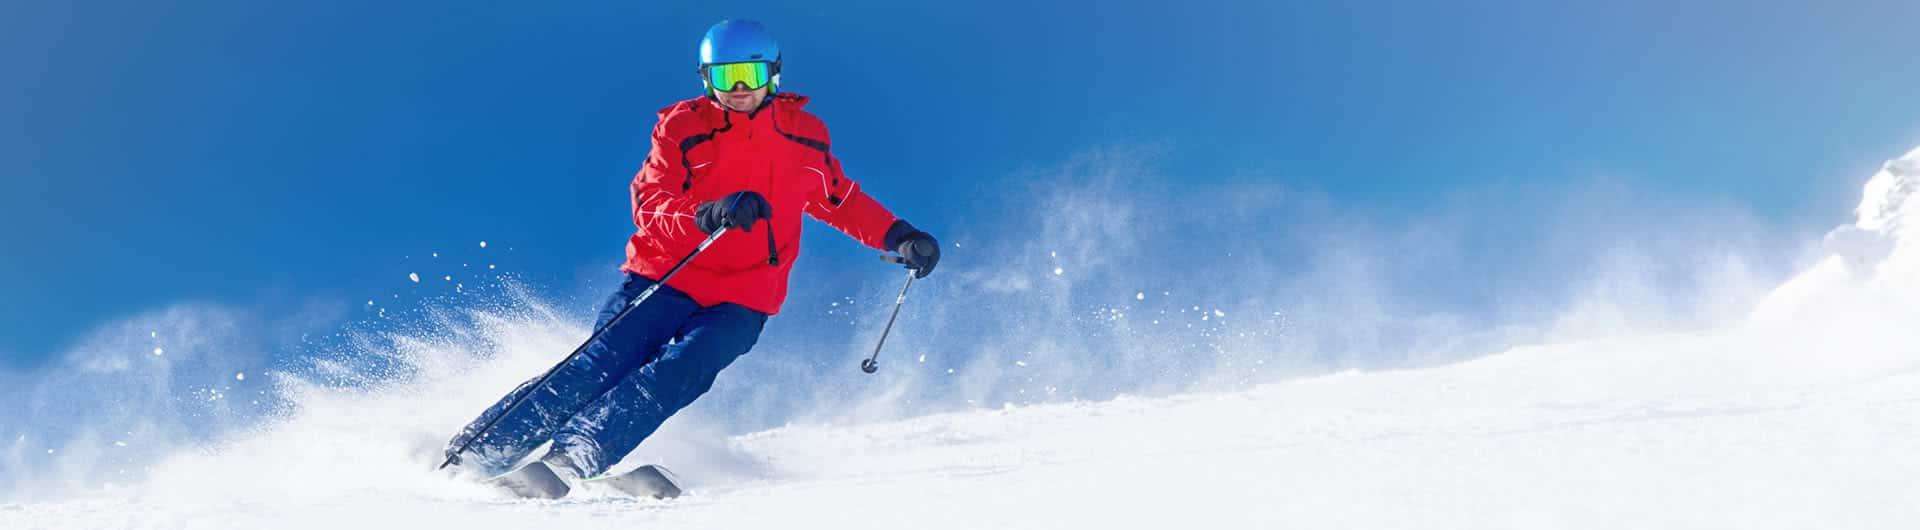 Versicherungen: Berufshaftpflicht für Skilehrer